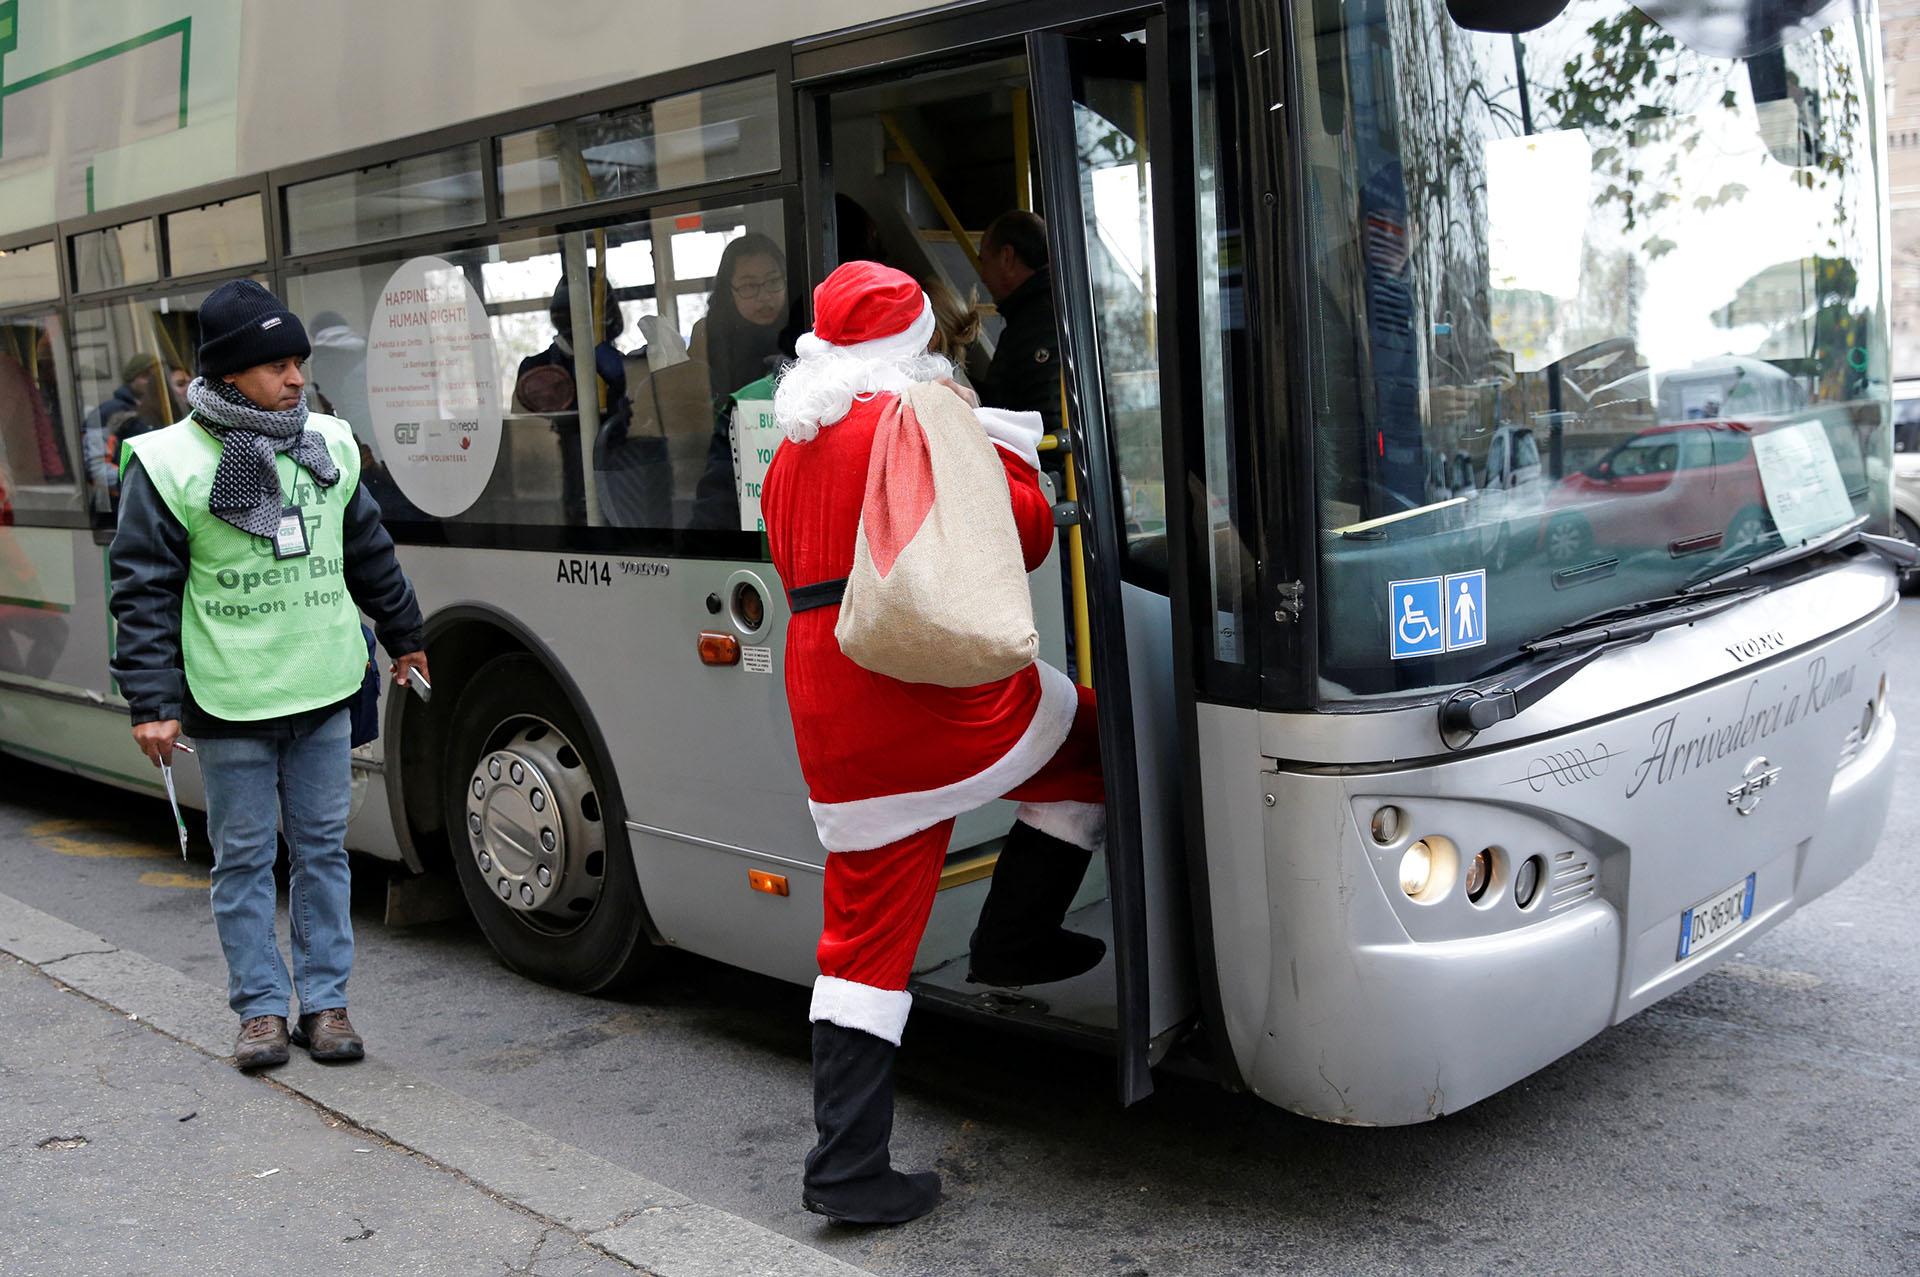 Un hombre vestido de Papá Noel entra en un autobús en el centro de Roma, Italia, el 20 de diciembre de 2017. (Reuters)